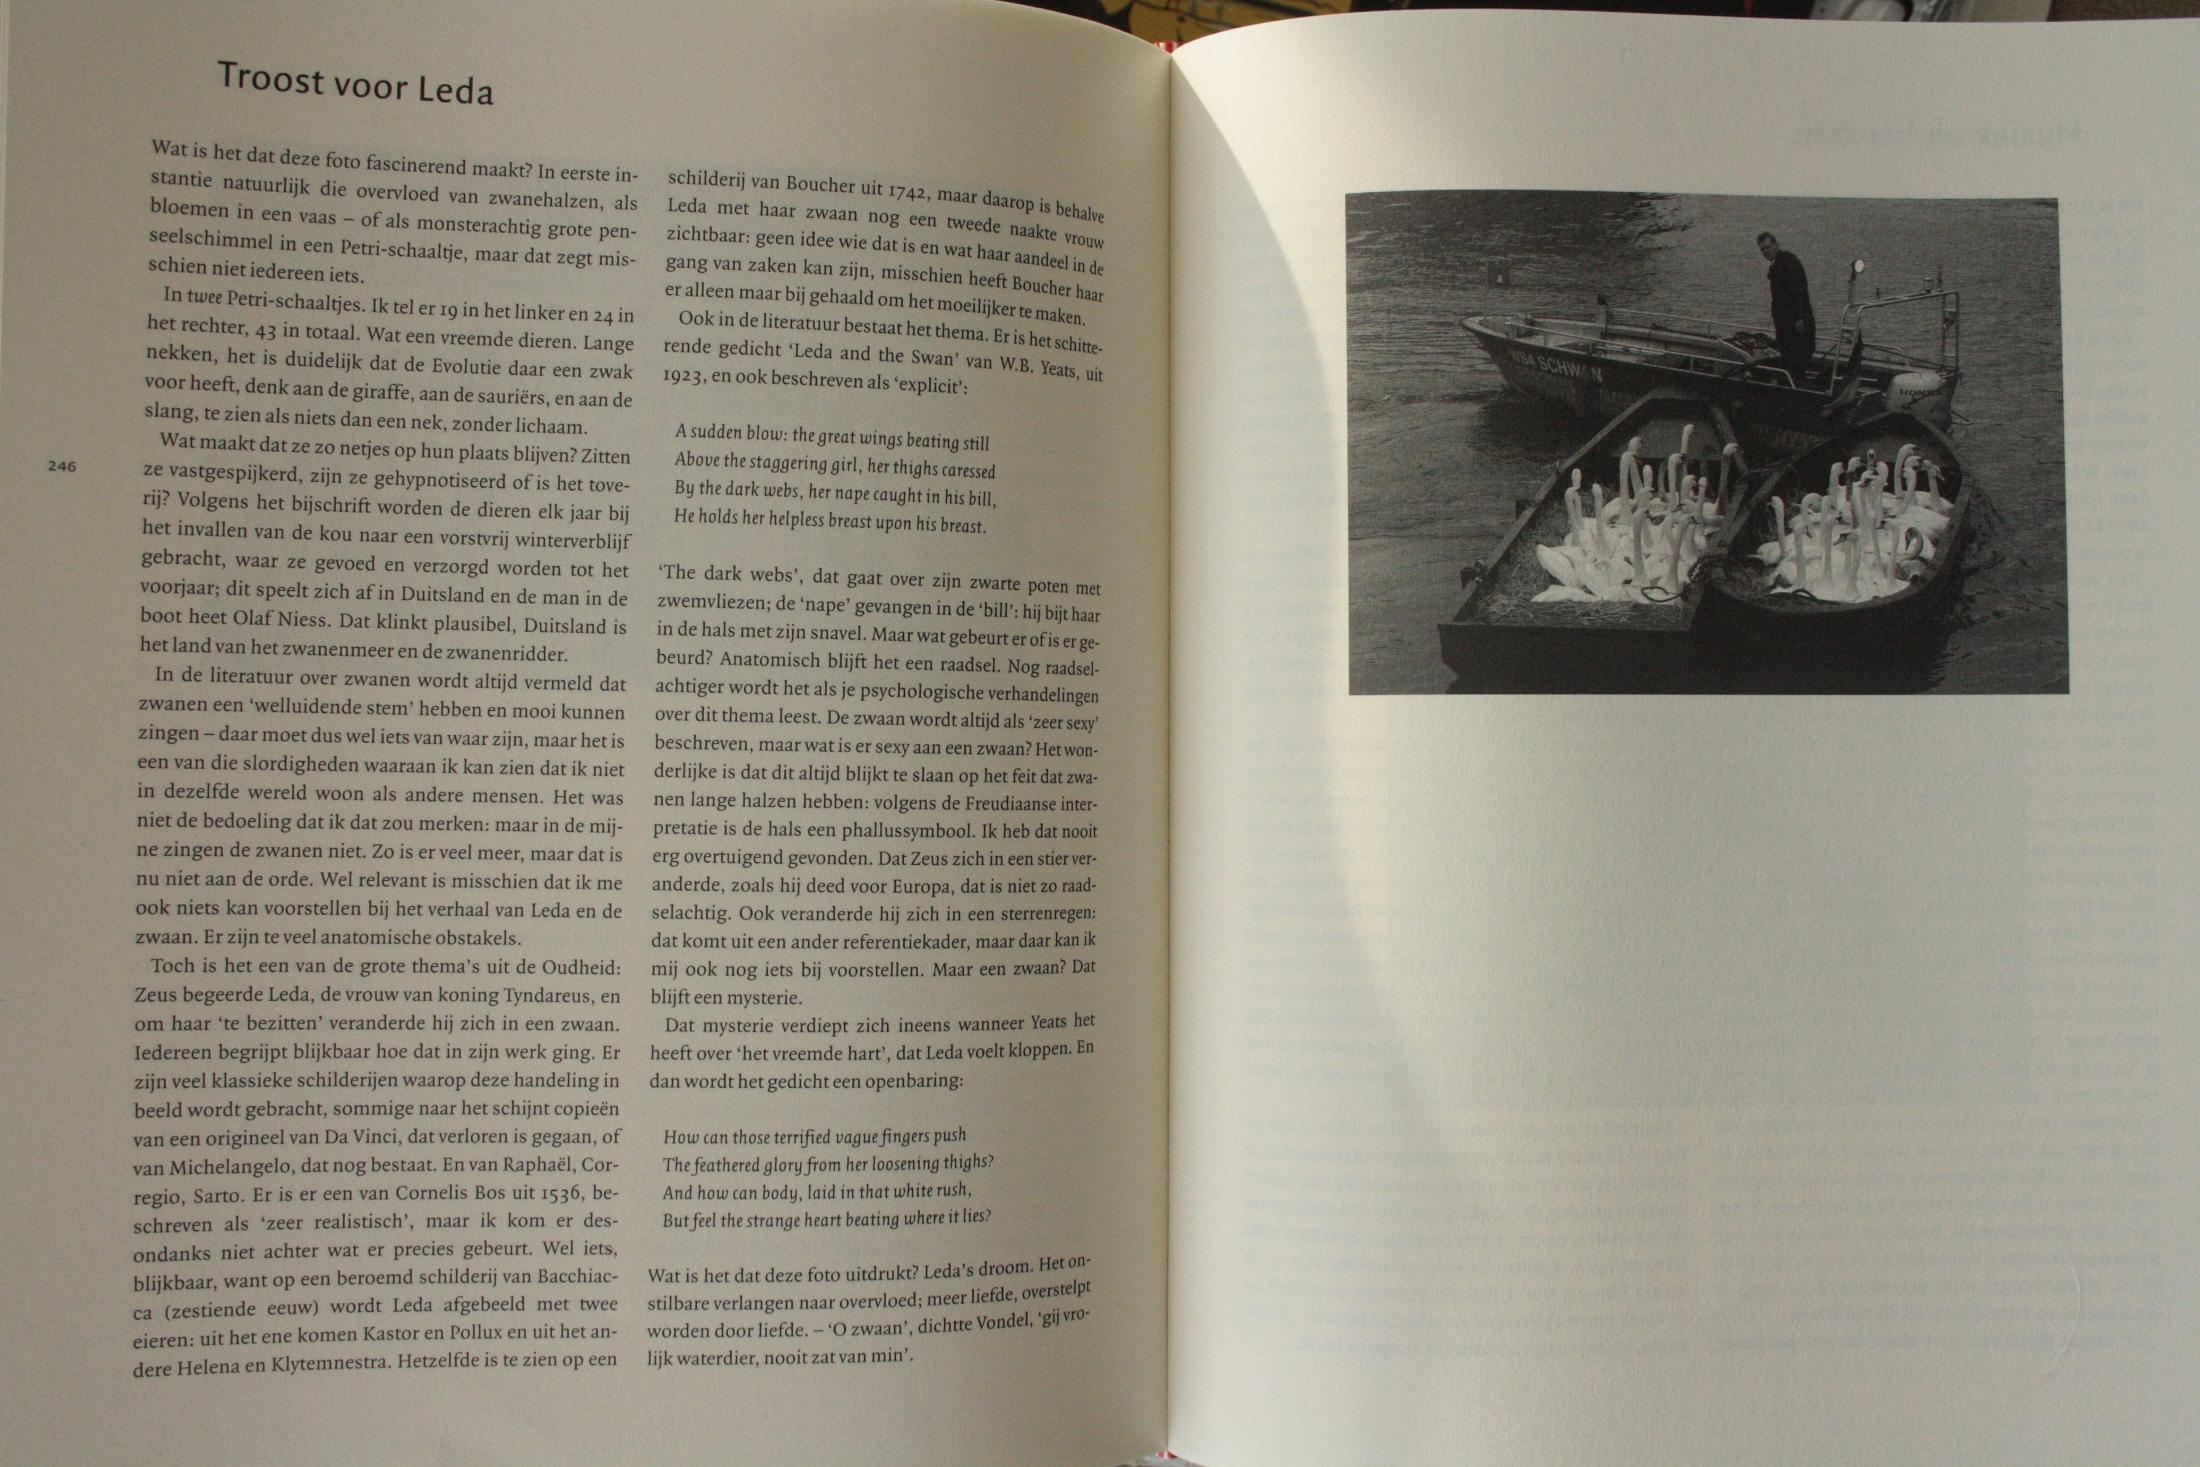 Troost voor Leda - Rudy Kousbroek, foto Christian Charisius (2200x1467)